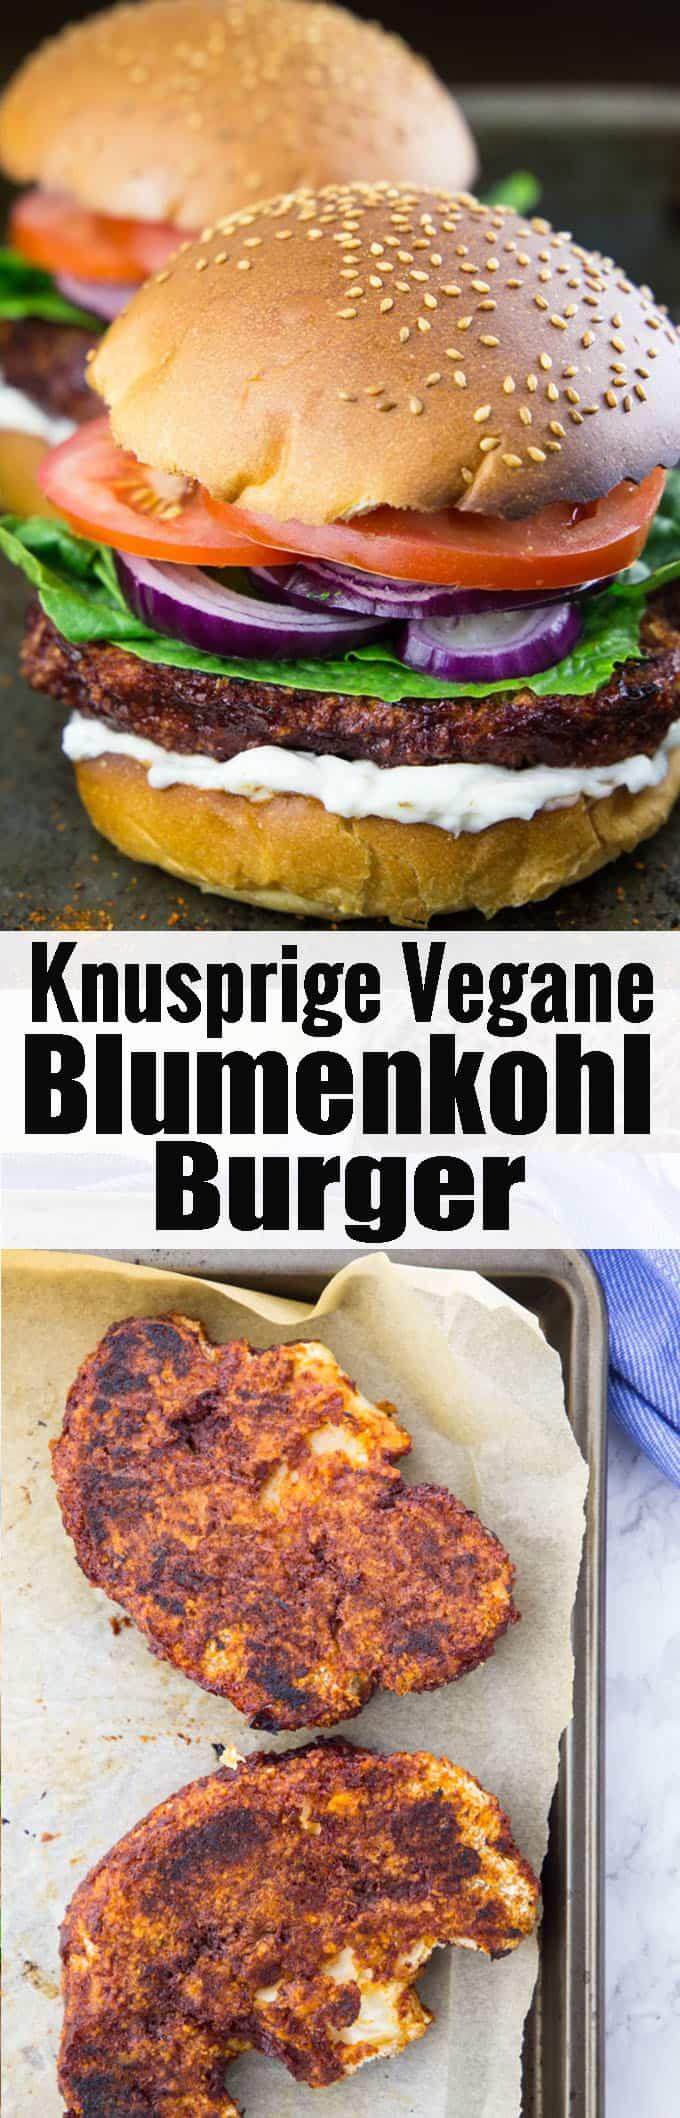 Super leckerer veganer Burger mit knusprigen BBQ Blumenkohl Burger Patties! Vegane Rezepte können so lecker sein! Mehr vegetarische Rezepte und Grillrezepte findet ihr auf meinem Food Blog veganheaven.de